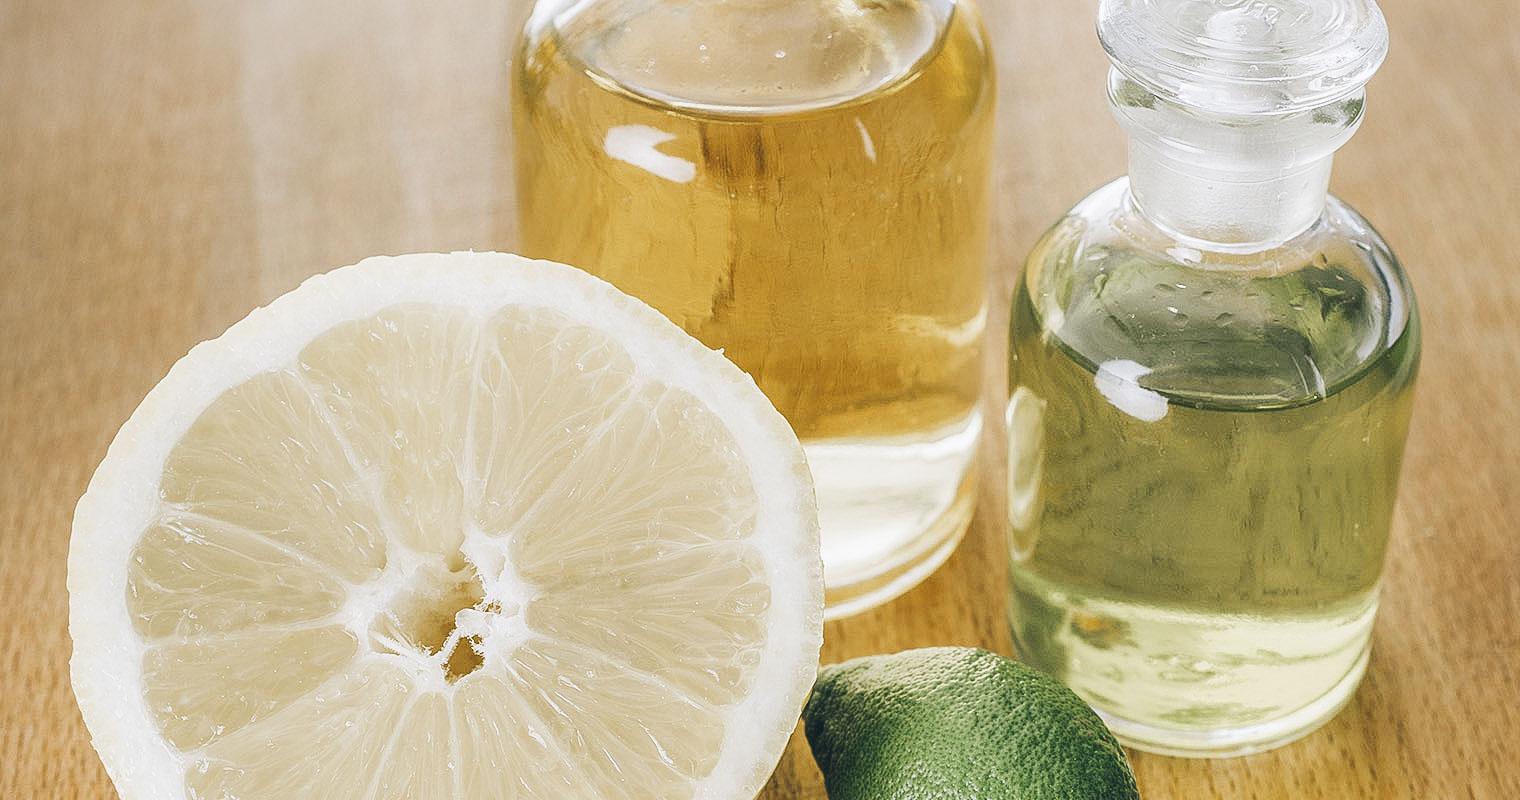 Cut open Lemon with bottle of Lemon juice and Lemon essential oil